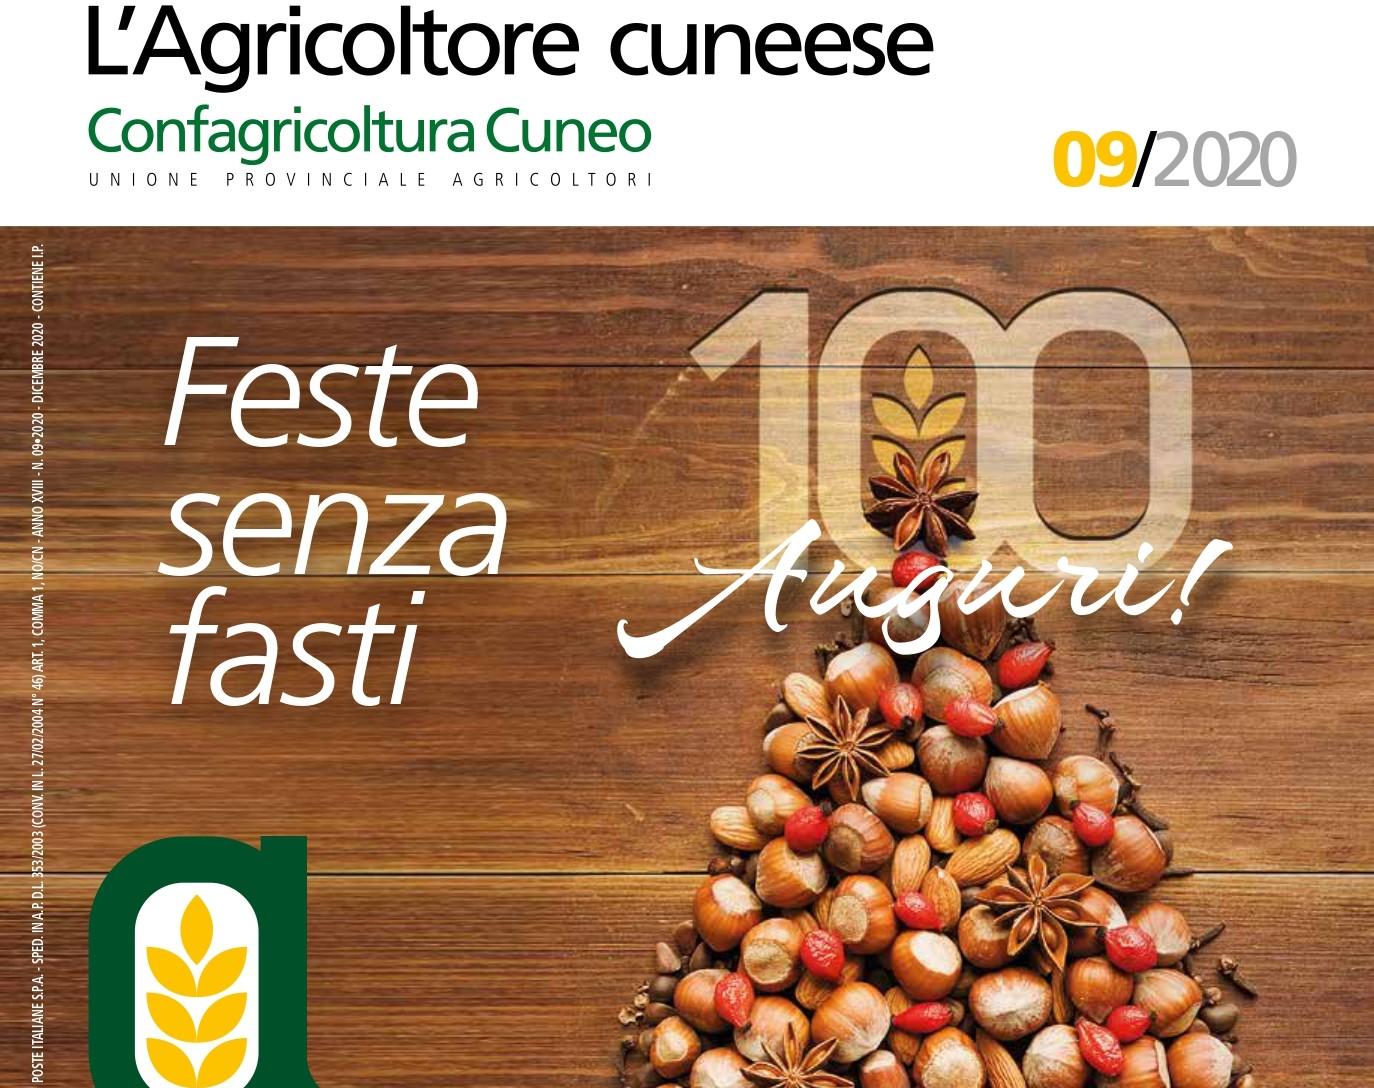 copertina l'agricoltore cuneese dicembre 2020